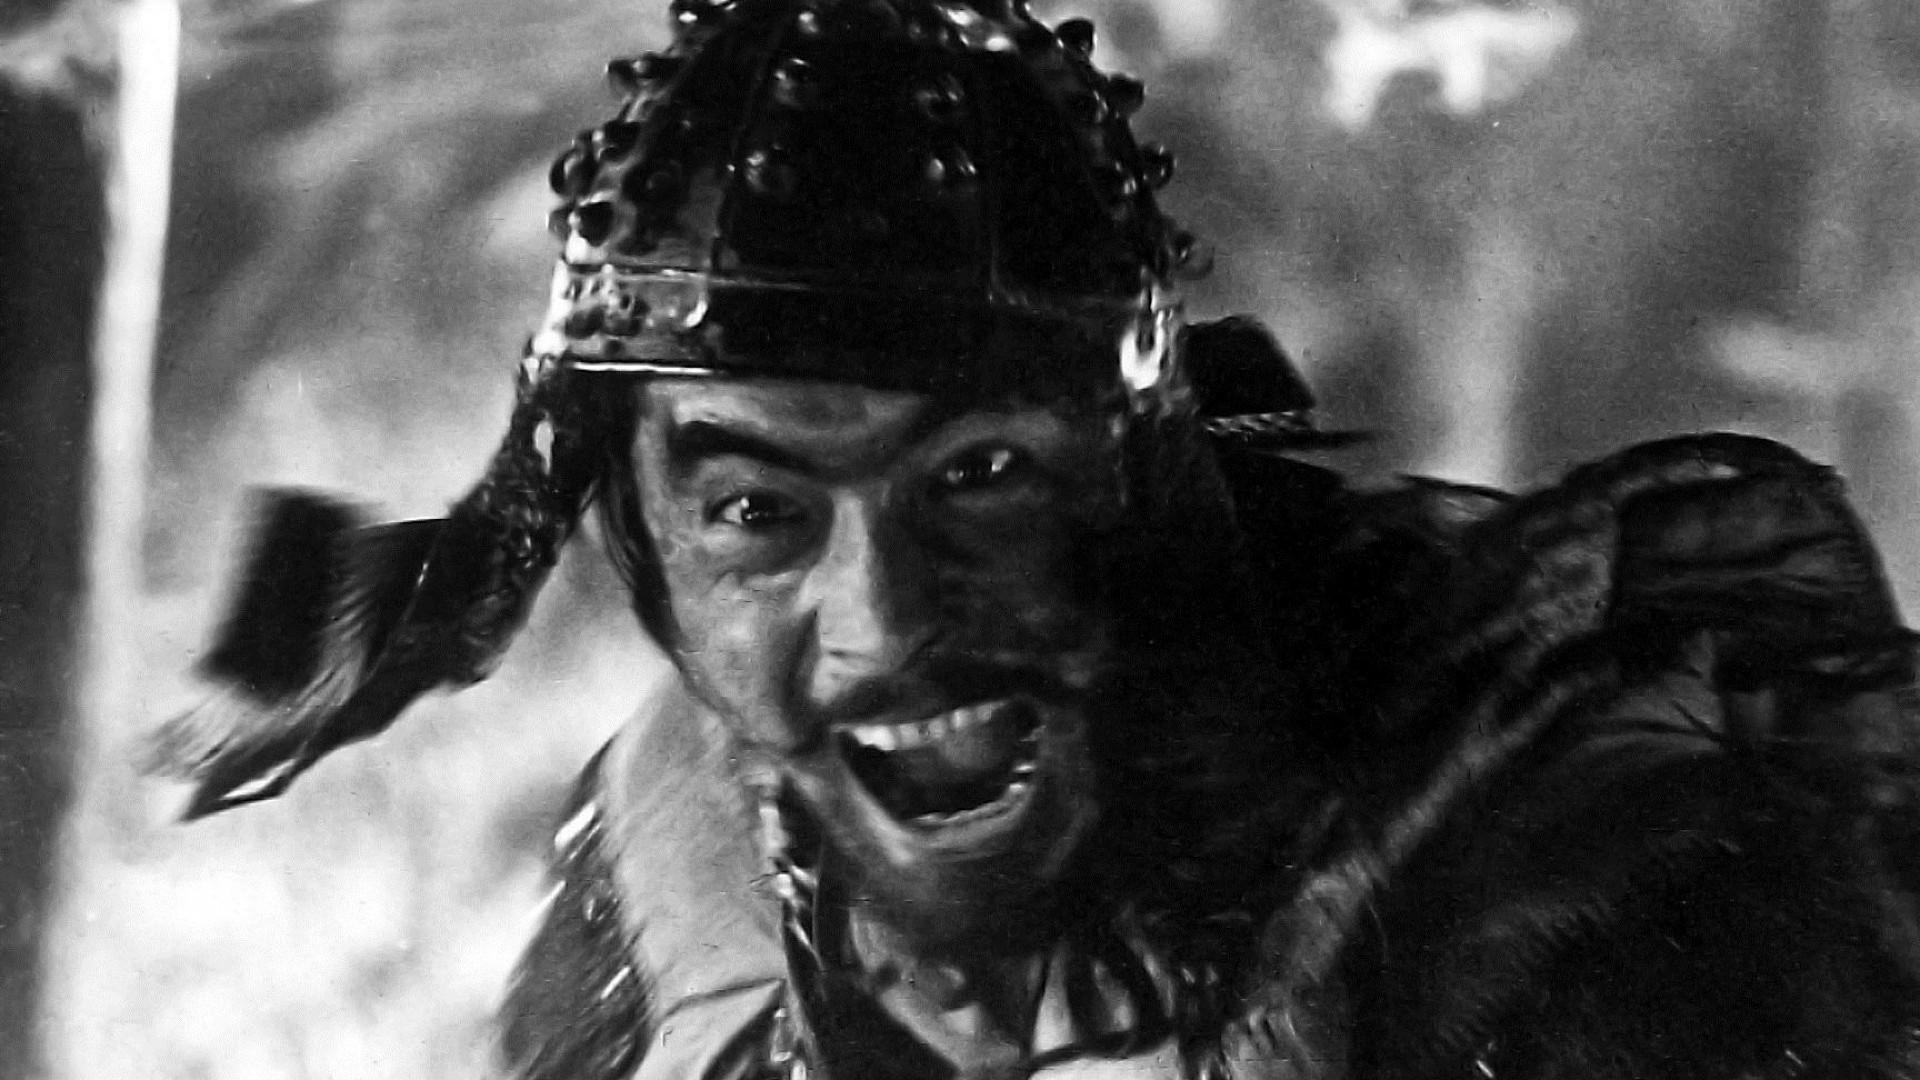 Akira-Kurosawa-Seven-Samurai-1080x1920.jpg